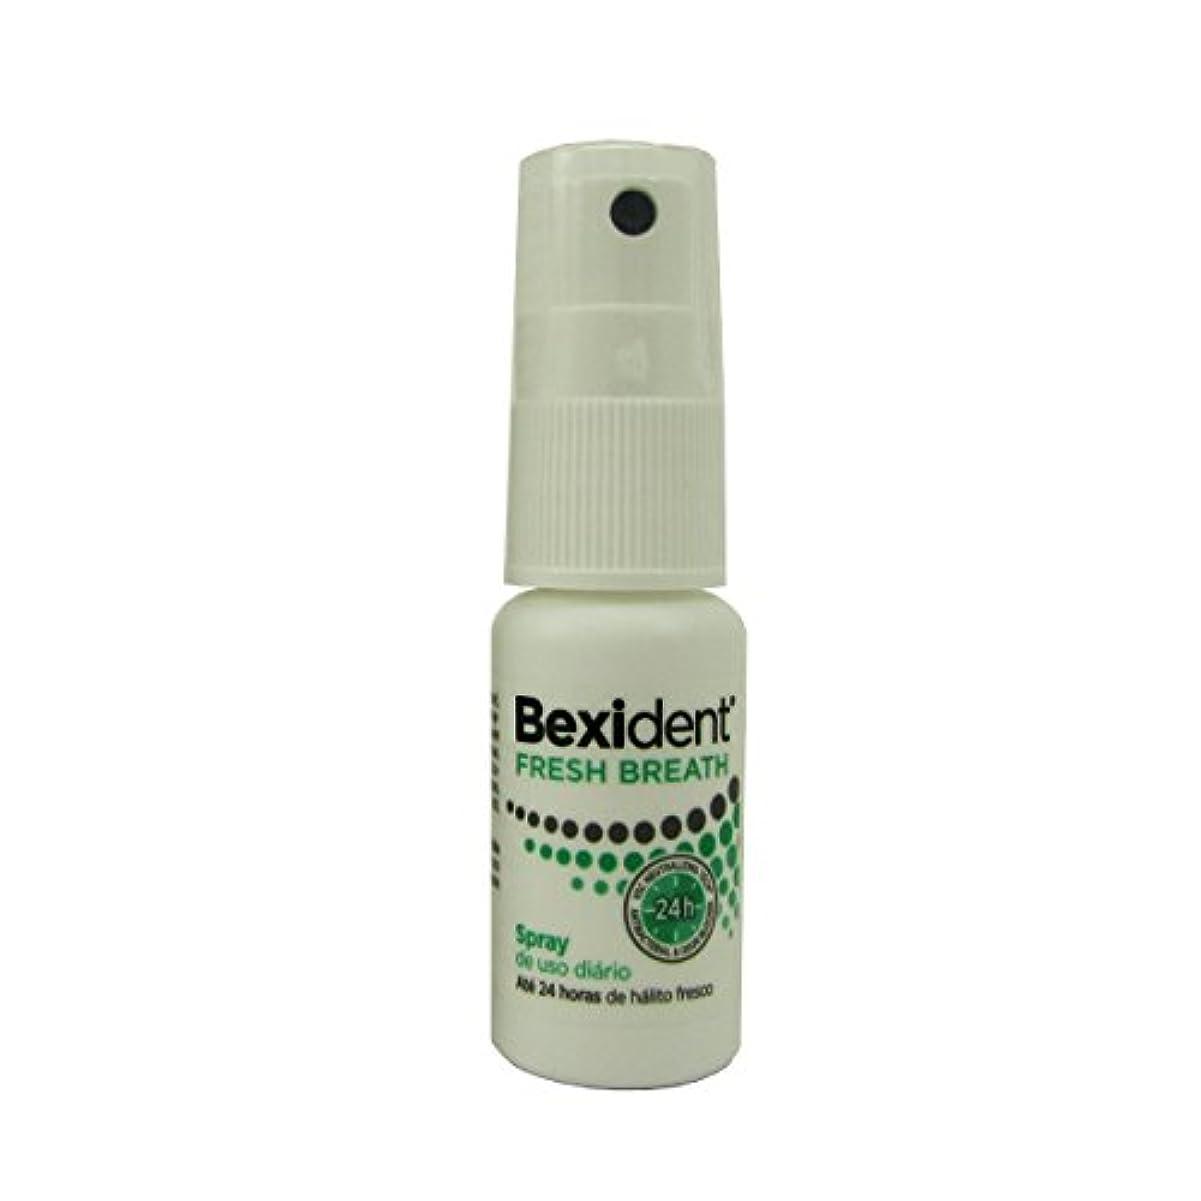 アルネ緑六月Bexident Fresh Breath Spray 15ml [並行輸入品]